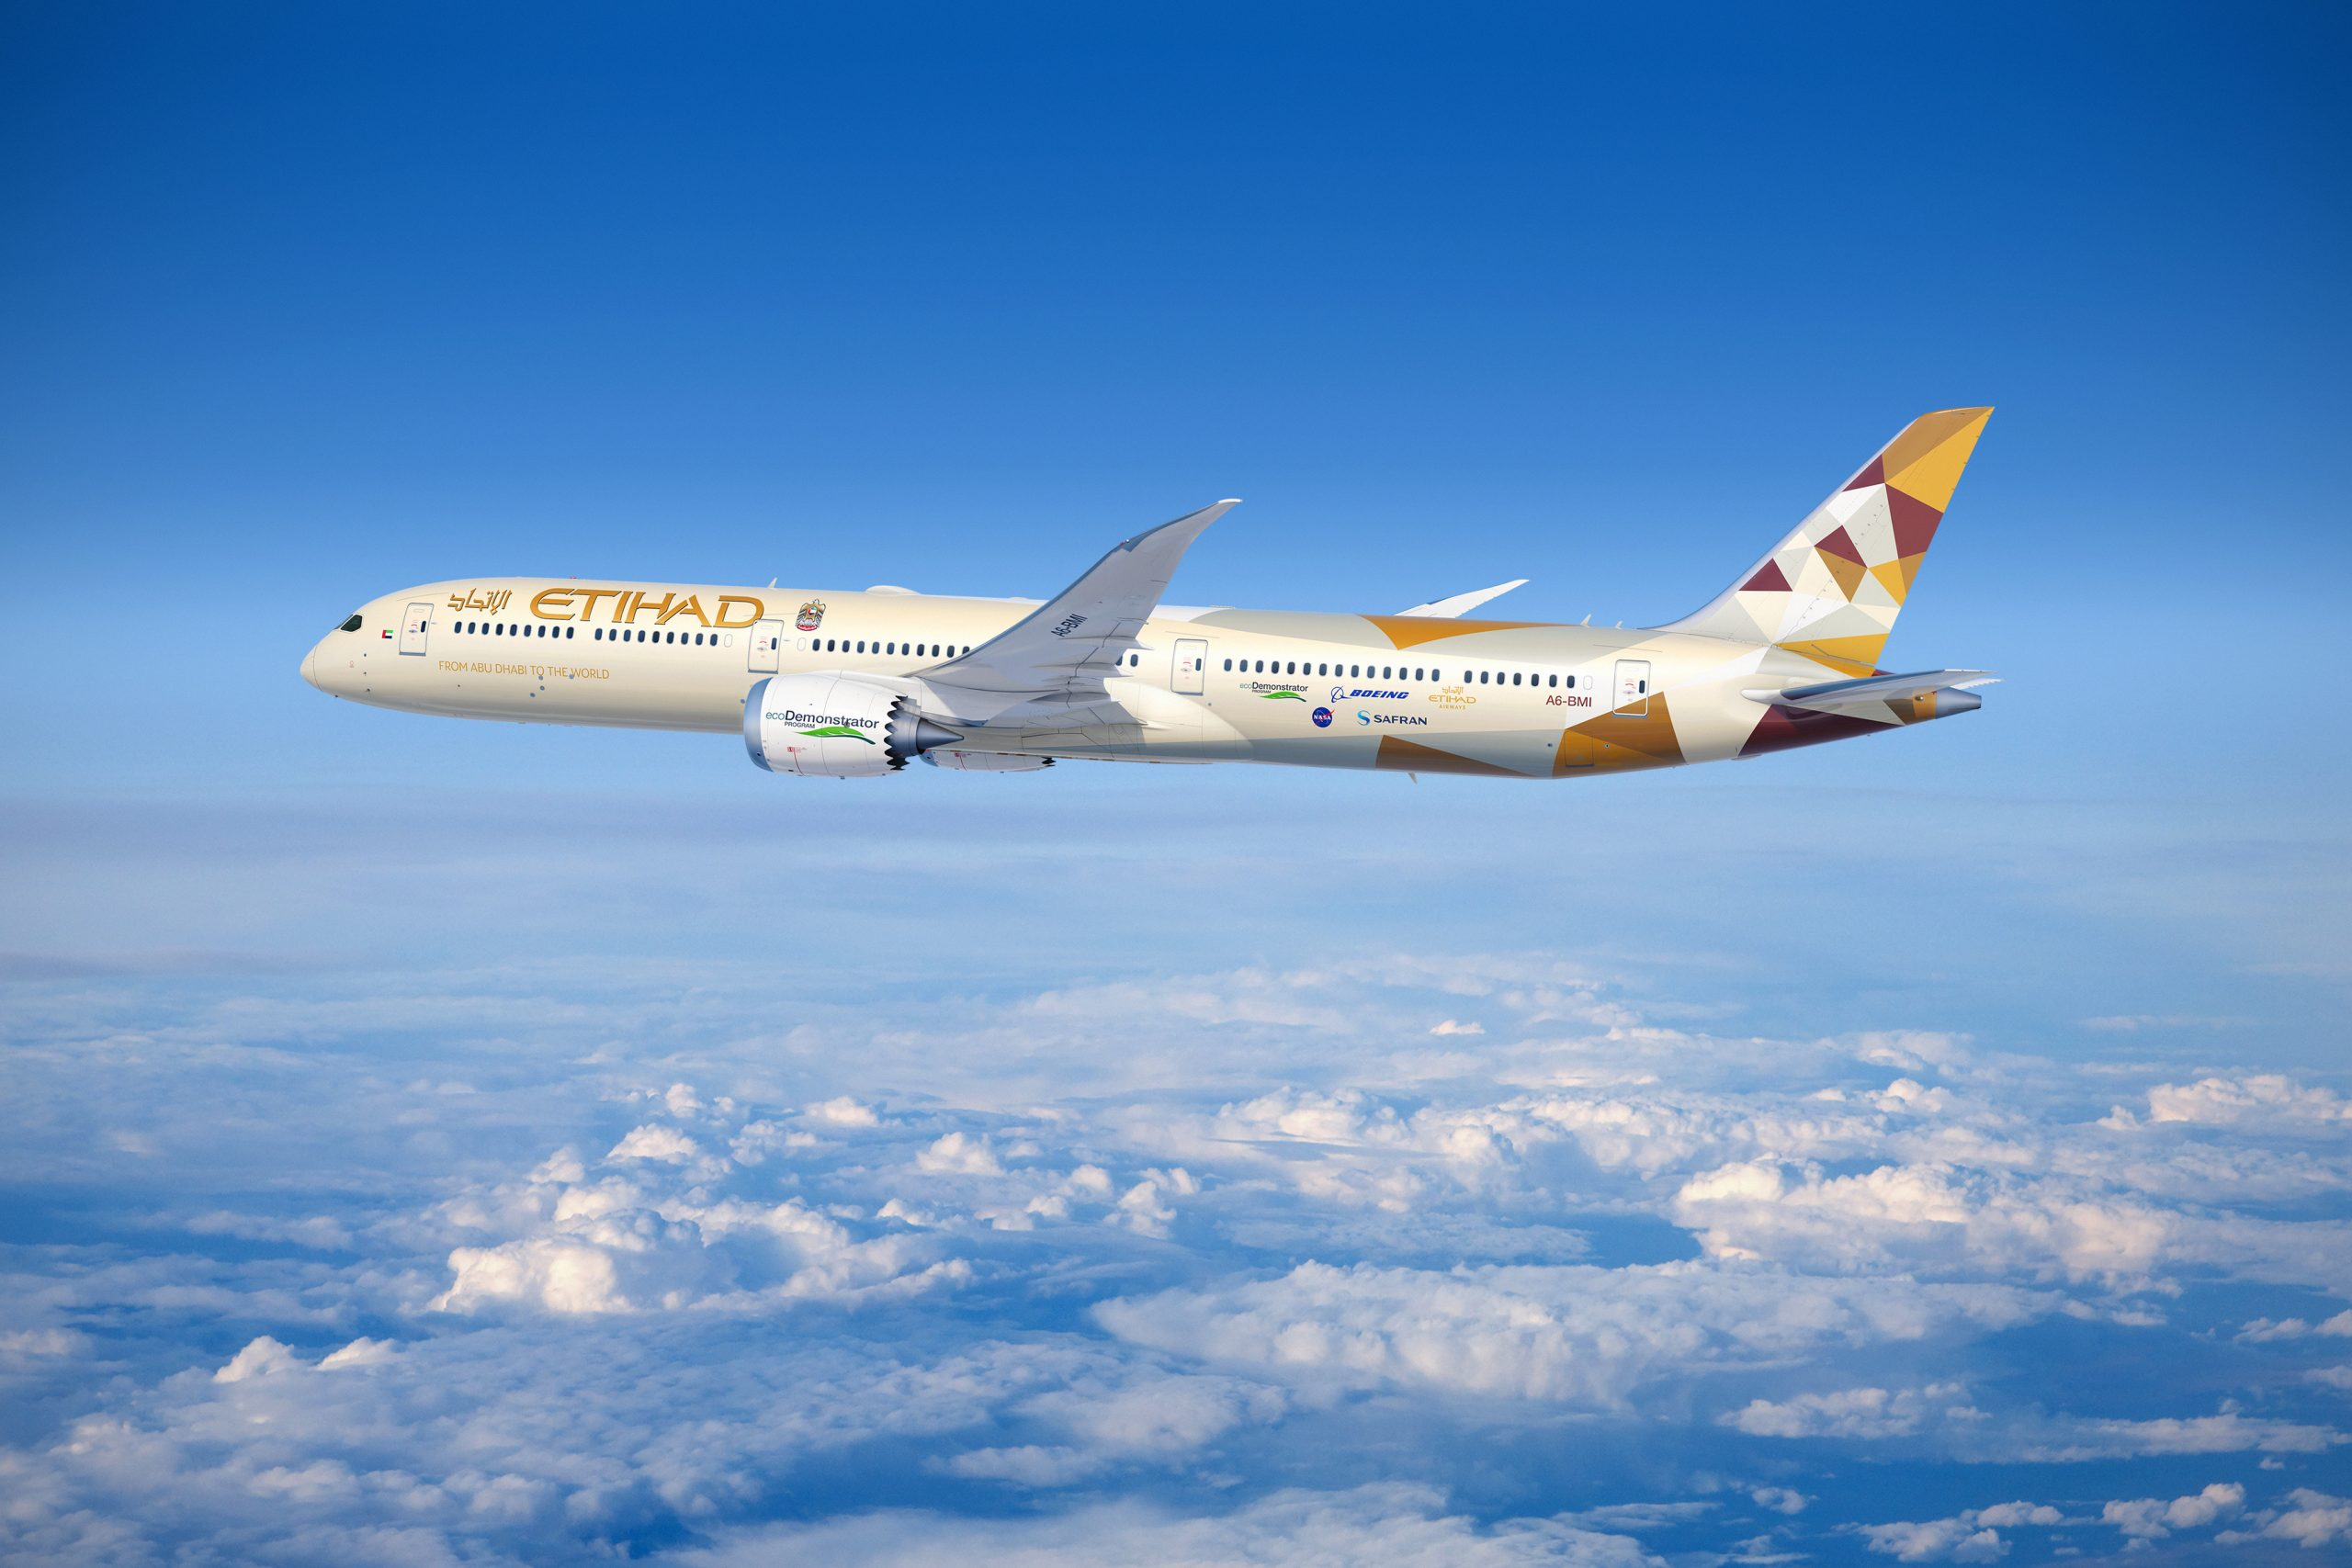 الاتحاد للطيران تعزز شراكتها مع بوينج من خلال برنامجecoDemonstratorالمستدام